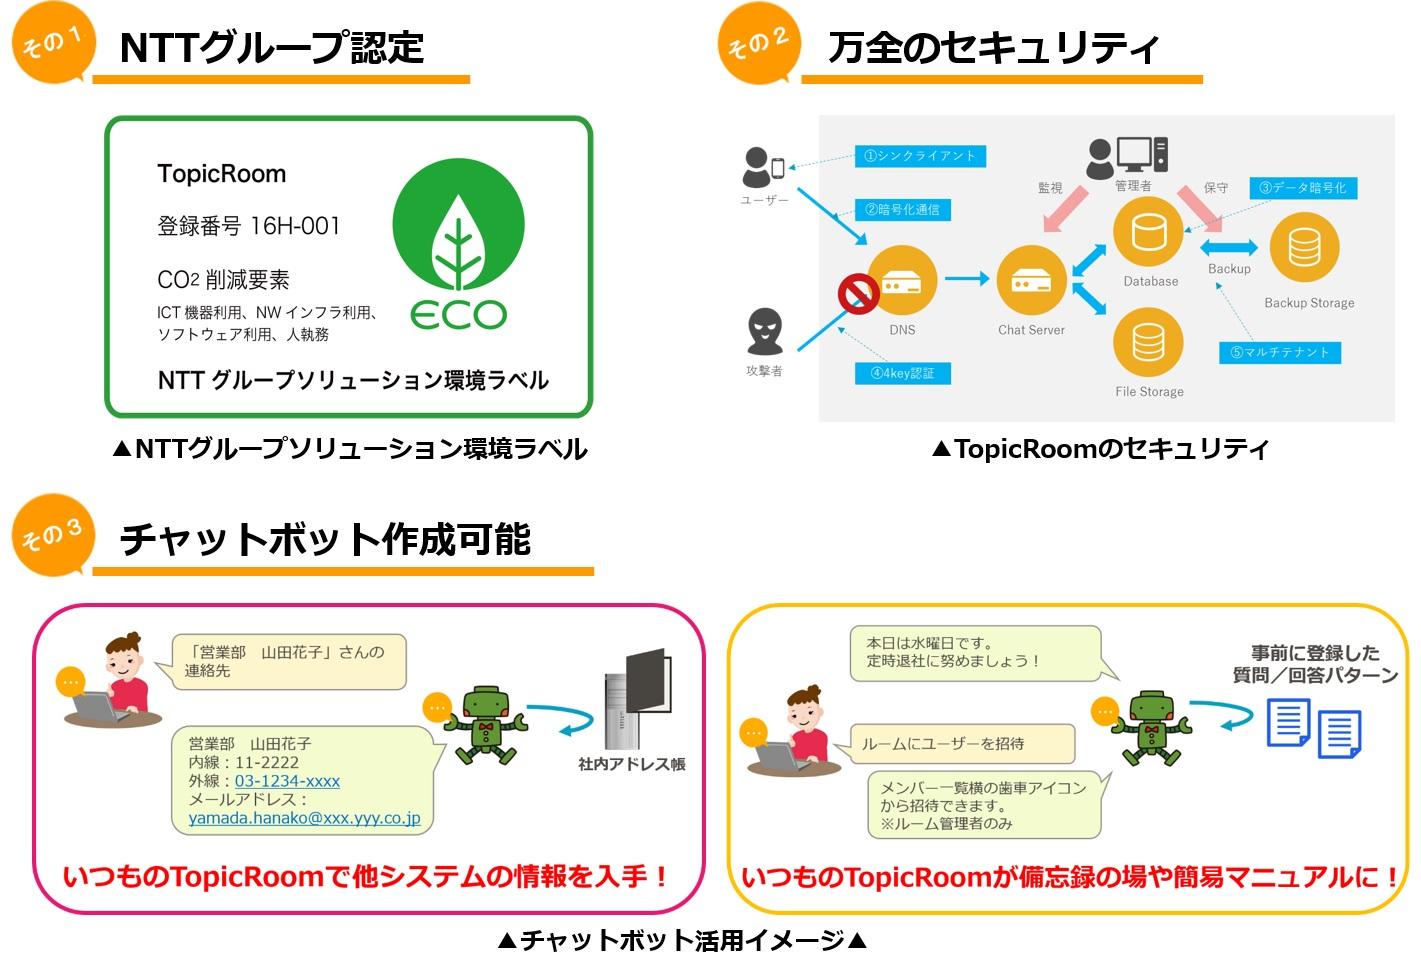 ビジネス向けグループチャット TopicRoom